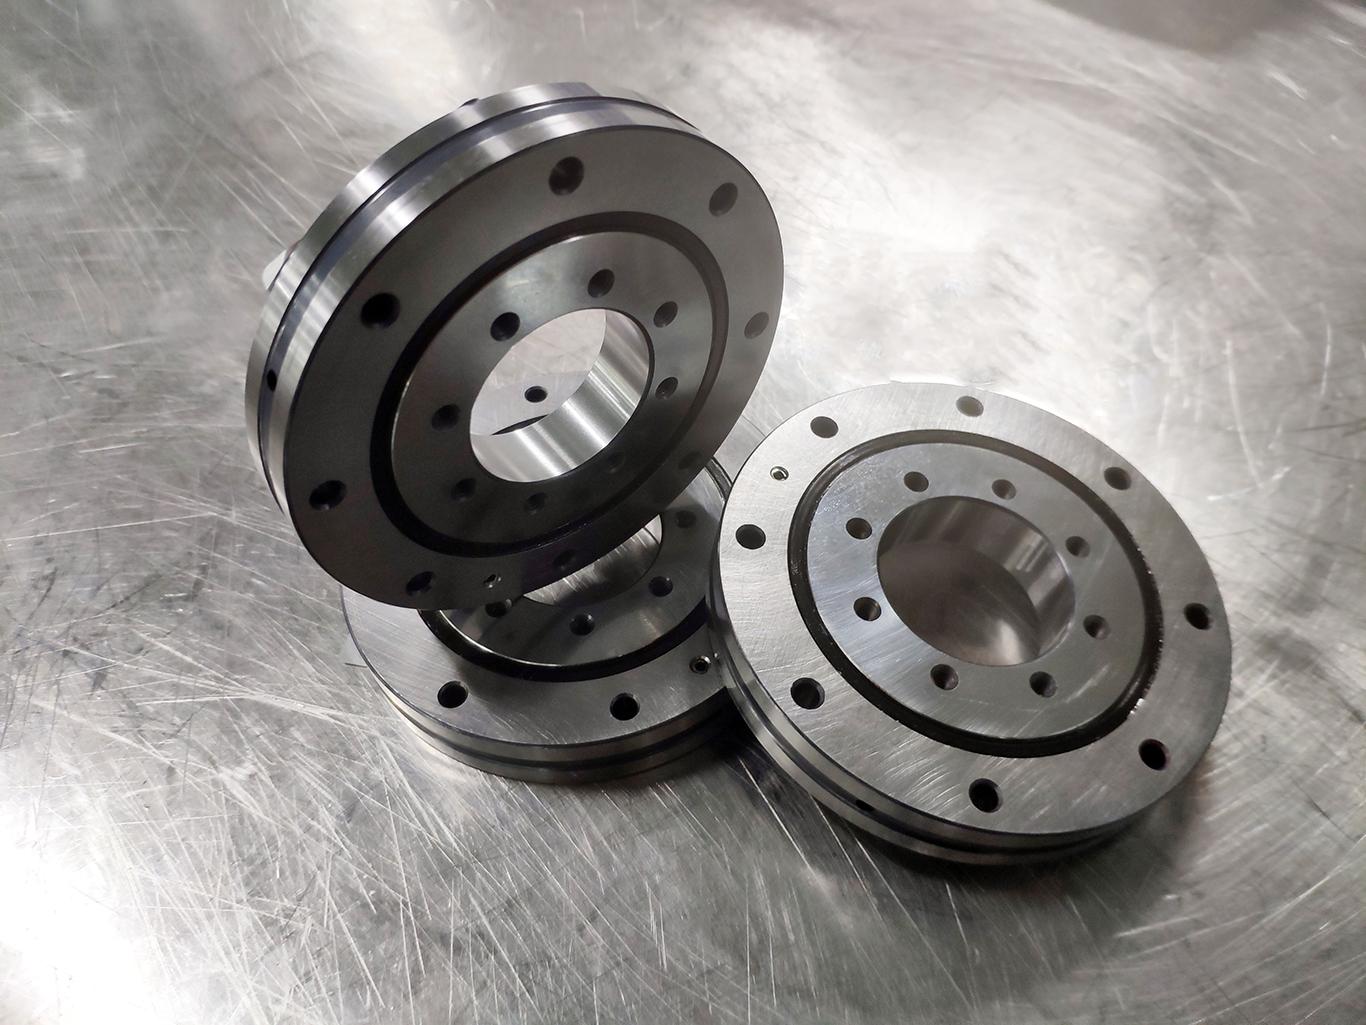 圆锥滚子轴承和滚针轴承有哪些区别